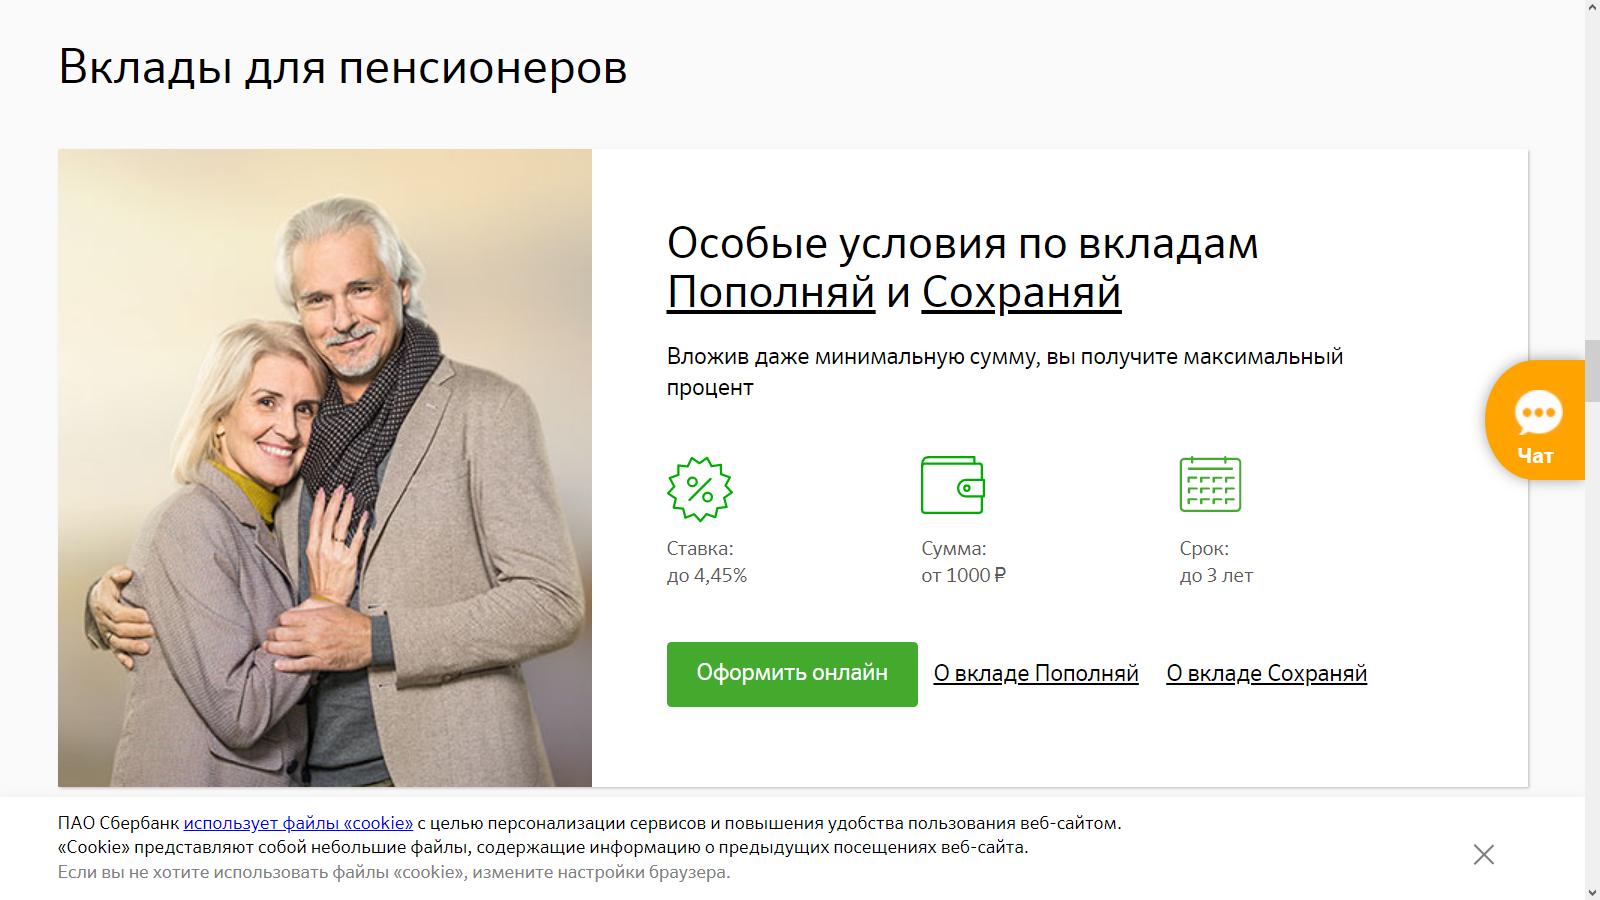 Вклады пенсионный и пенсионный плюс в банках москвы как получить пенсию за умершего пенсионера в 2021